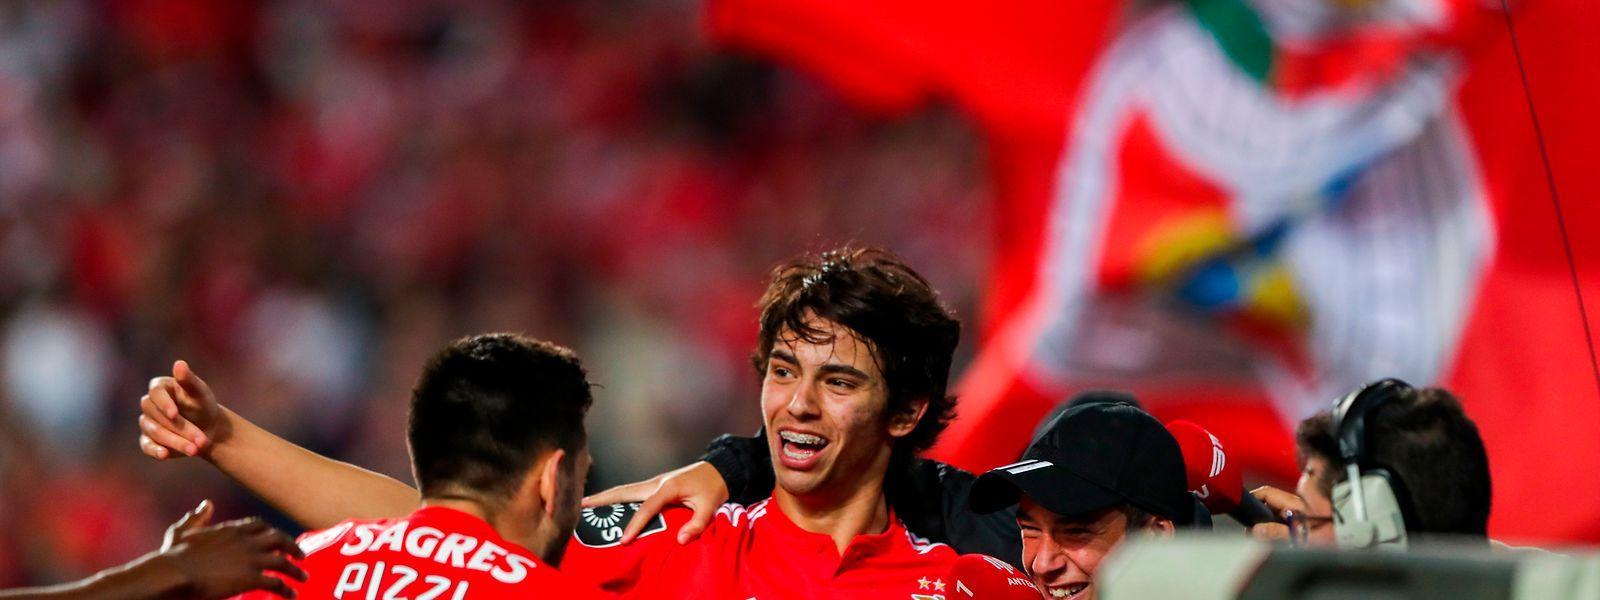 João Félix a festejar o golo com Pizzi e com o seu irmão, Hugo Félix.